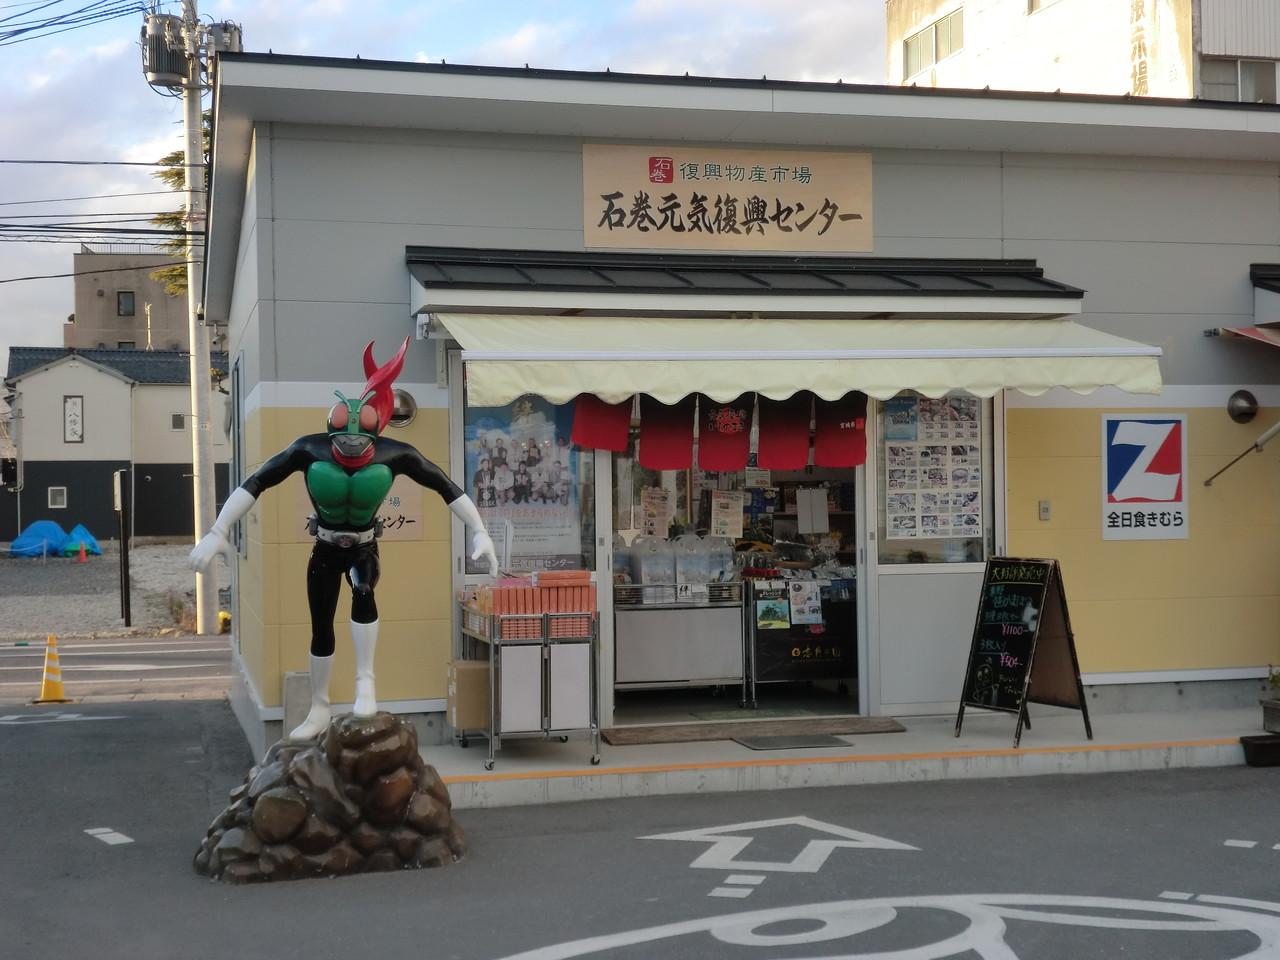 仮面ライダーなど石ノ森章太郎のキャラクターがたくさんありました